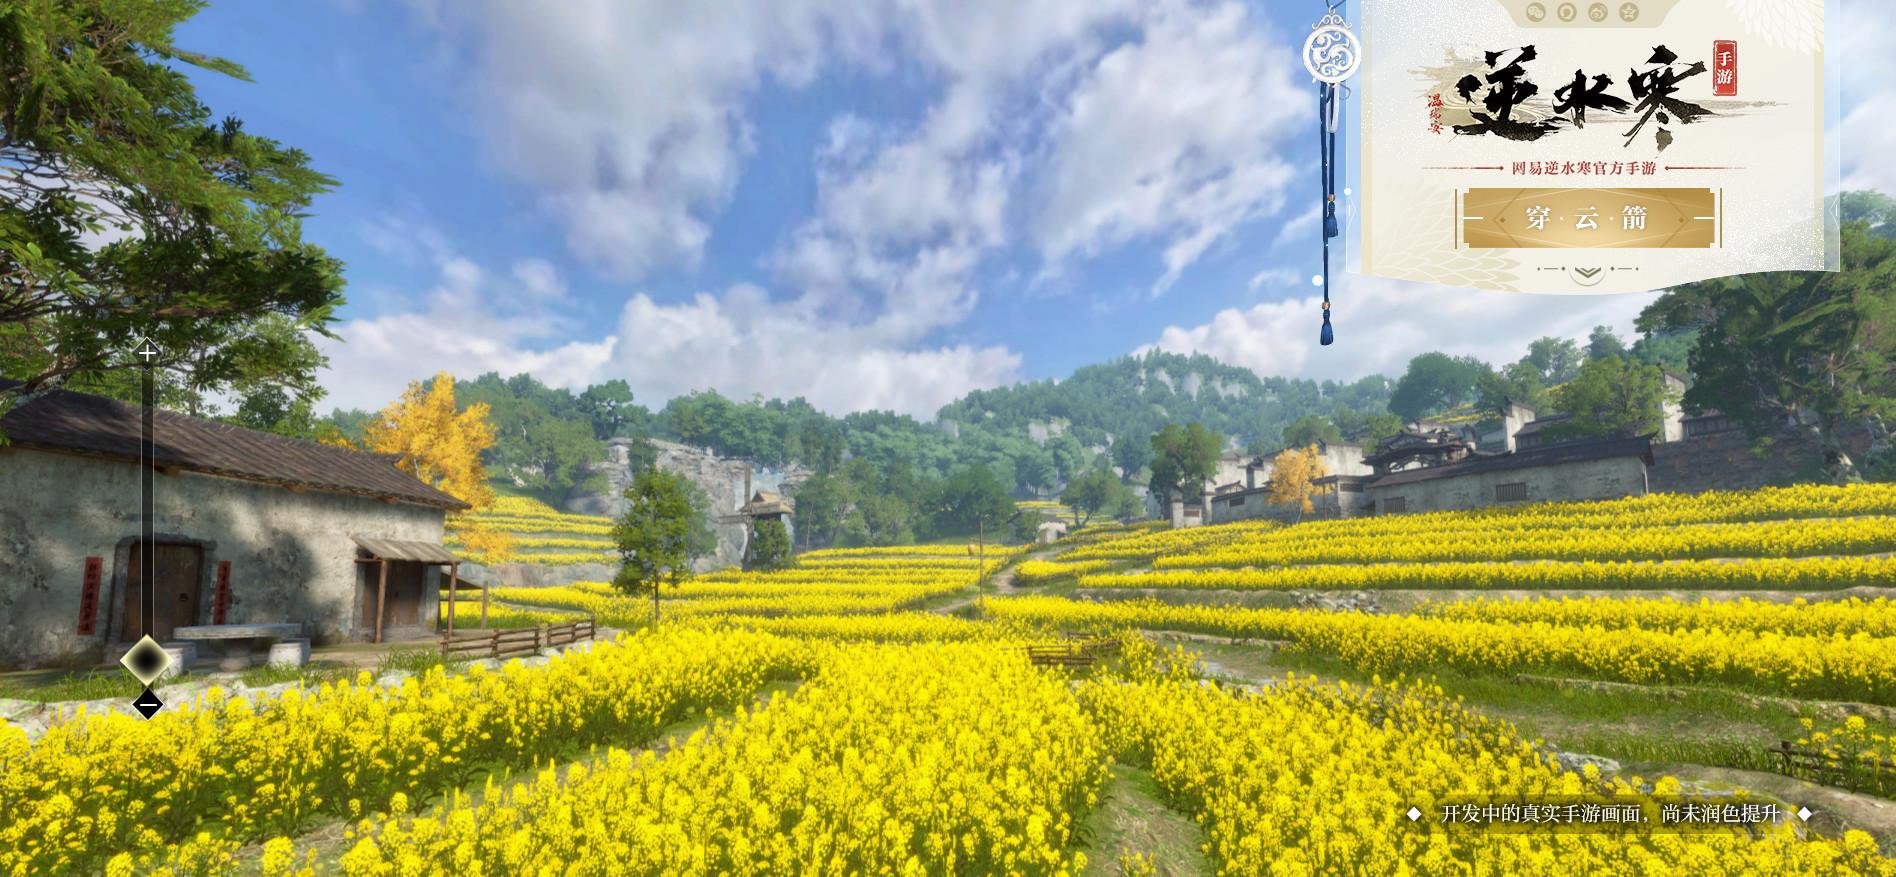 《逆水寒》3D手游公布 游戏画面和端游打平手